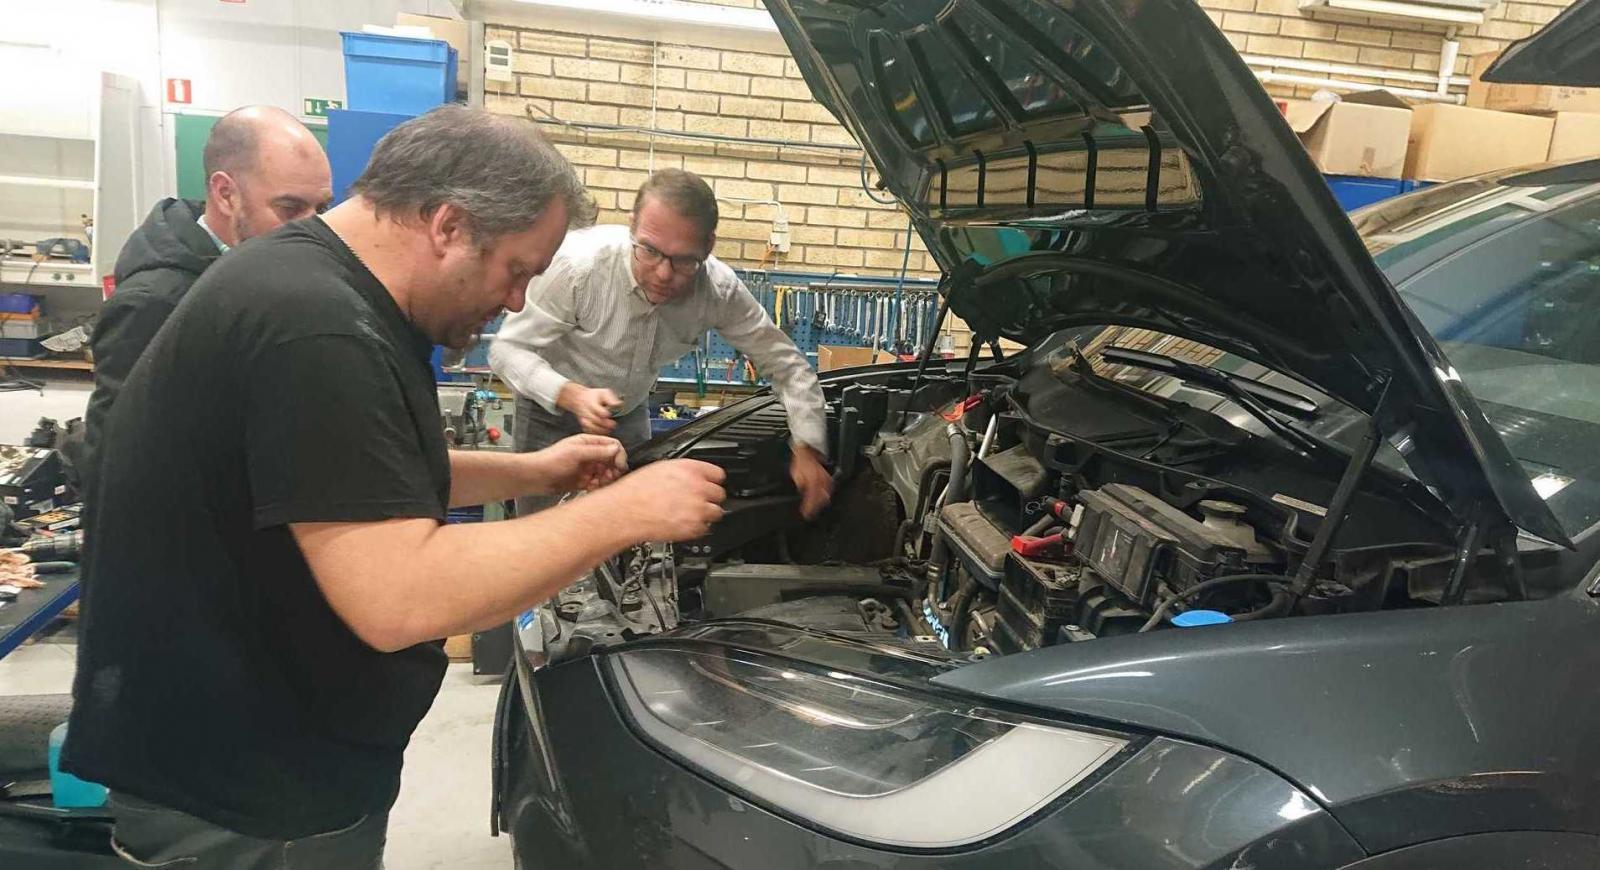 Tillsammans med företaget Calix testar han nu en batterivärmare till sin elbil som kopplas in på samma sätt som en motorvärmare.